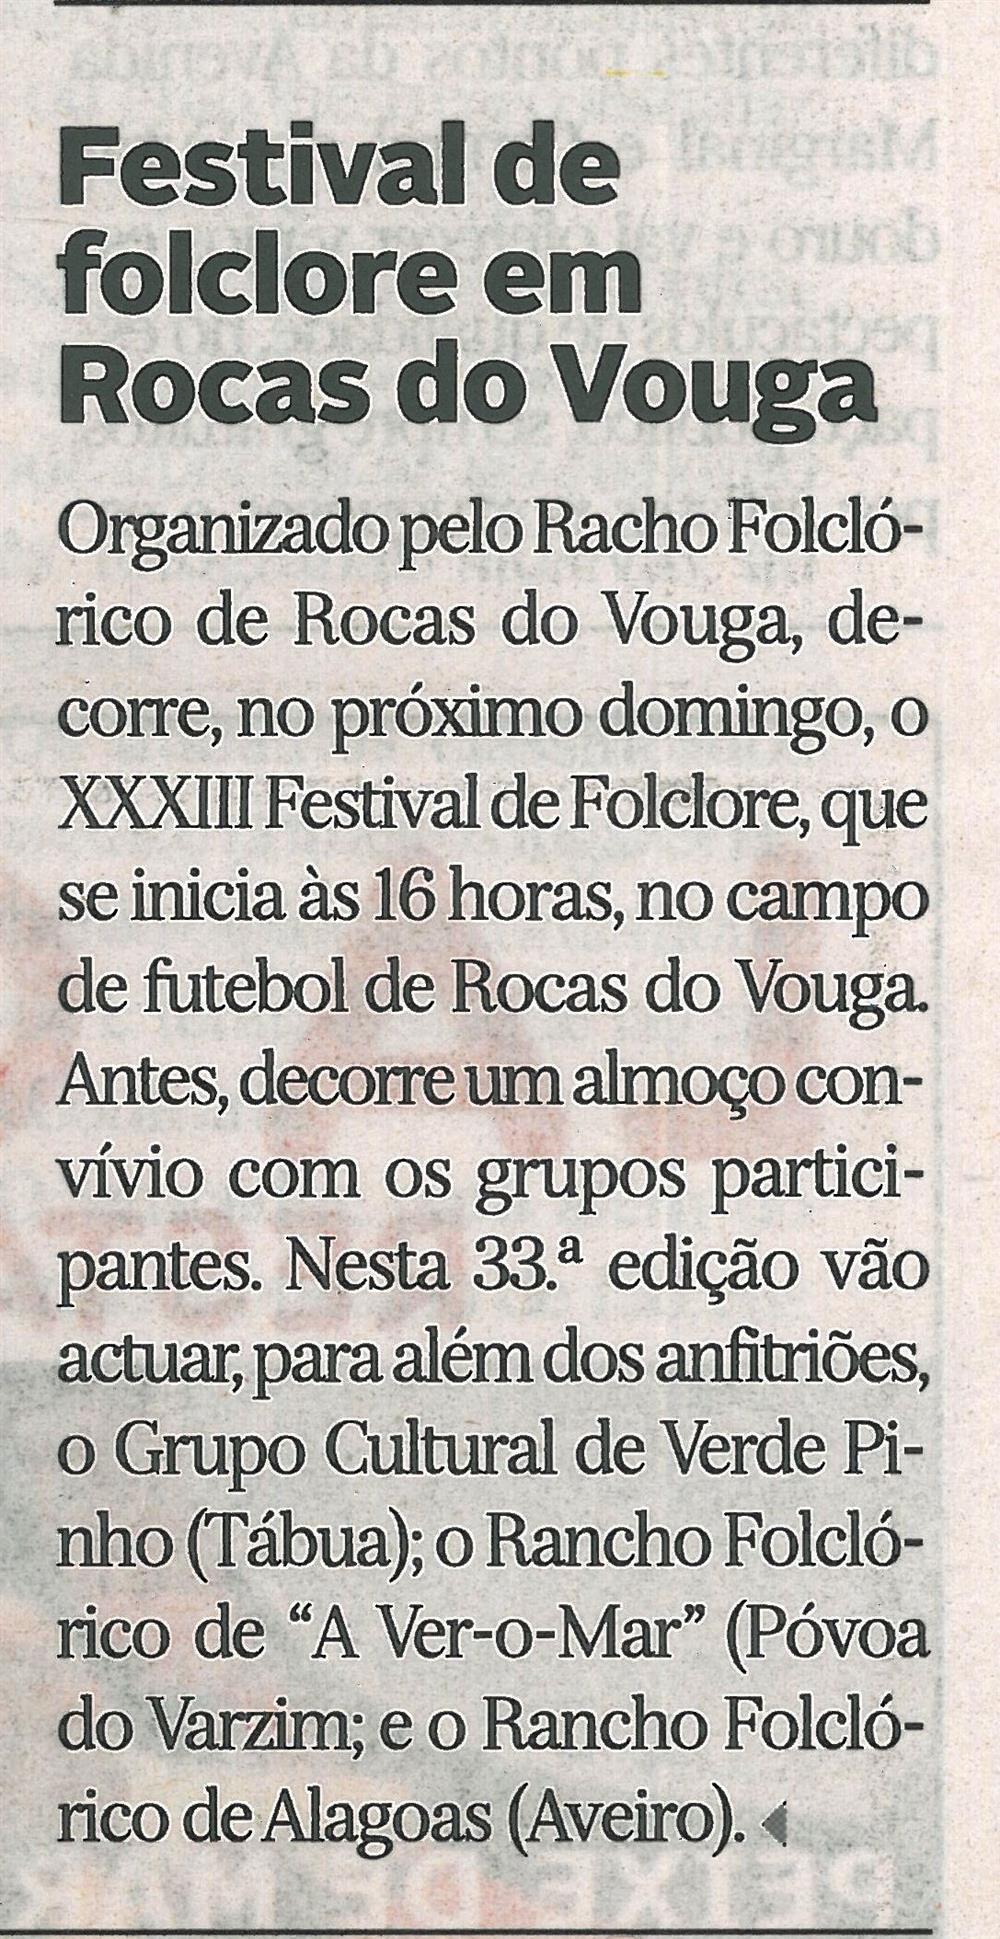 DA-21ago.'15-p.13-Festival de folclore em Rocas do Vouga.jpg